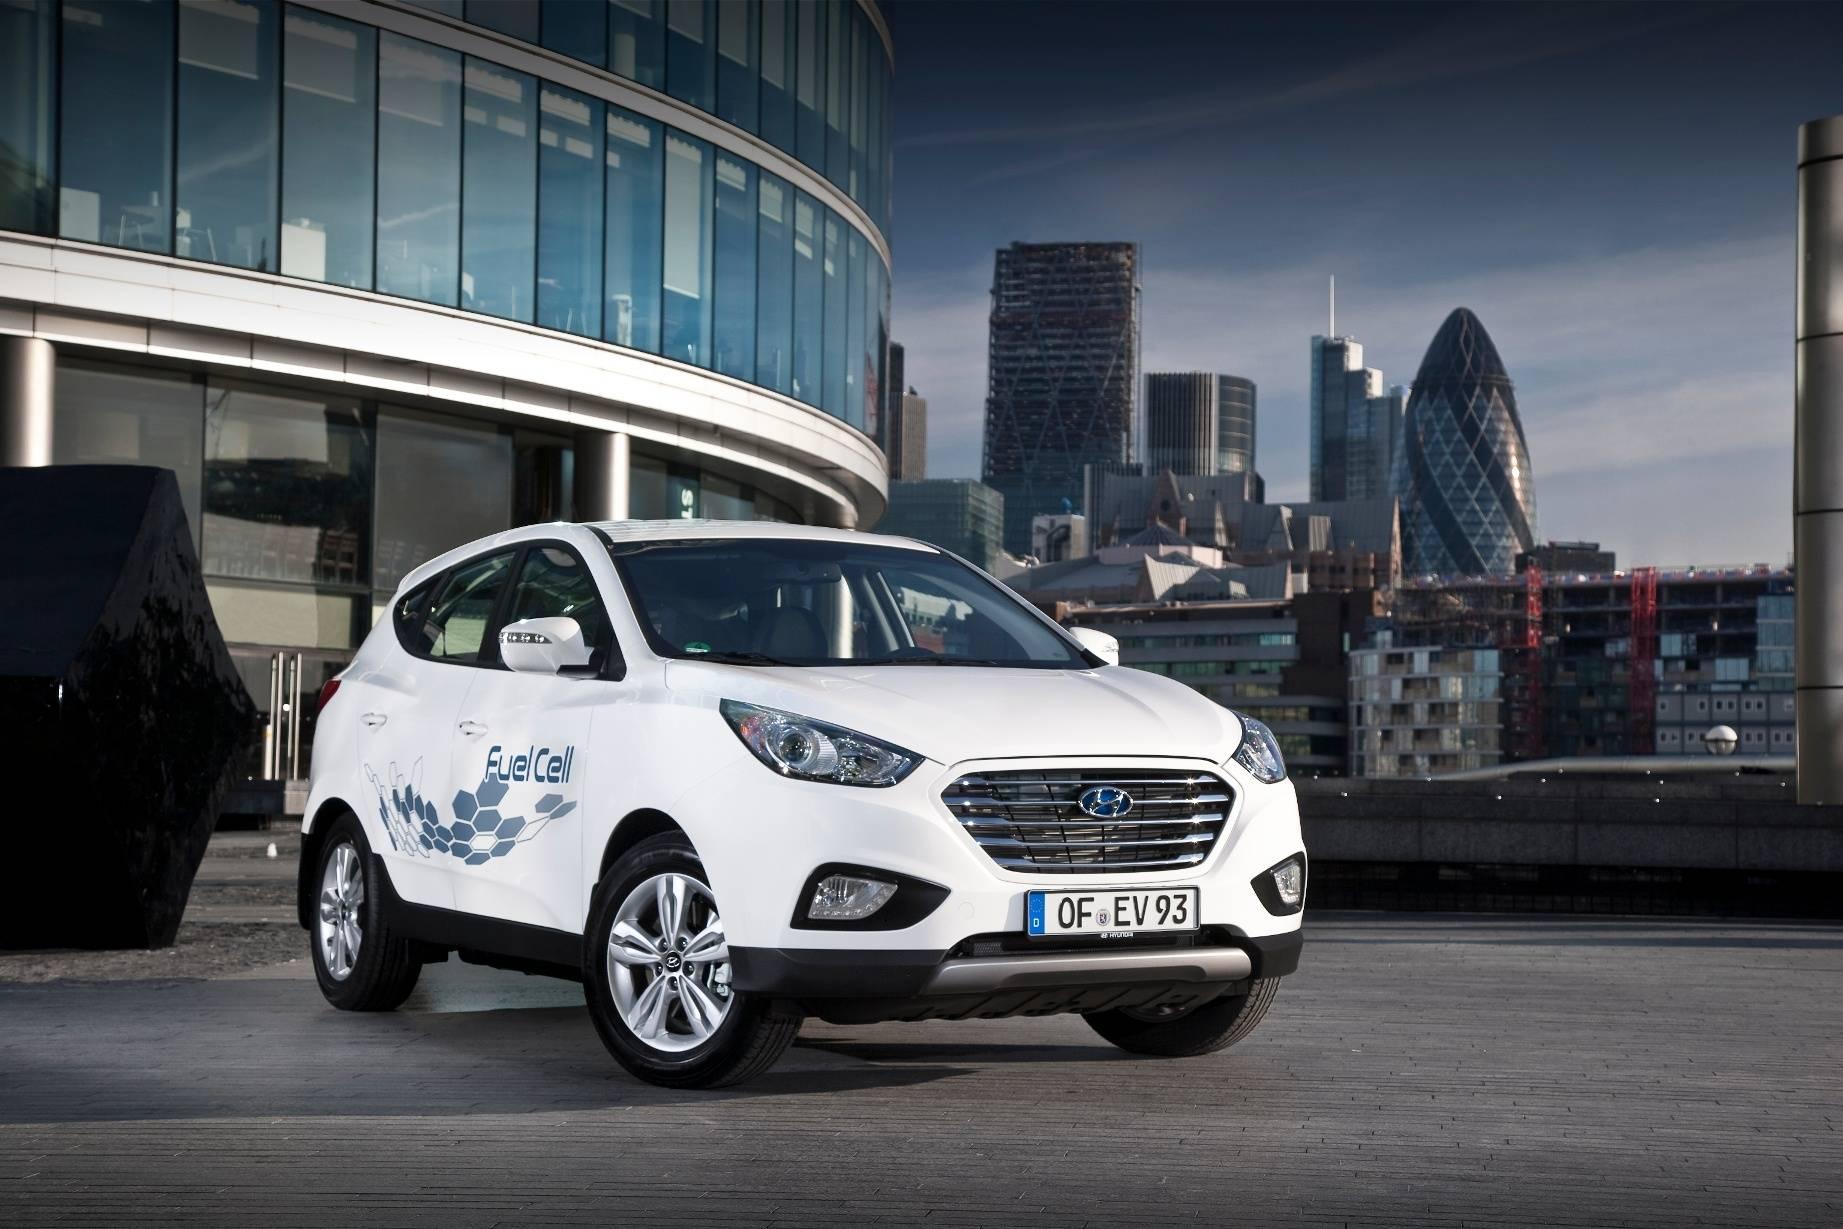 韩国:光州市将开始出售和补贴的第一批150辆氢燃料电池轿车